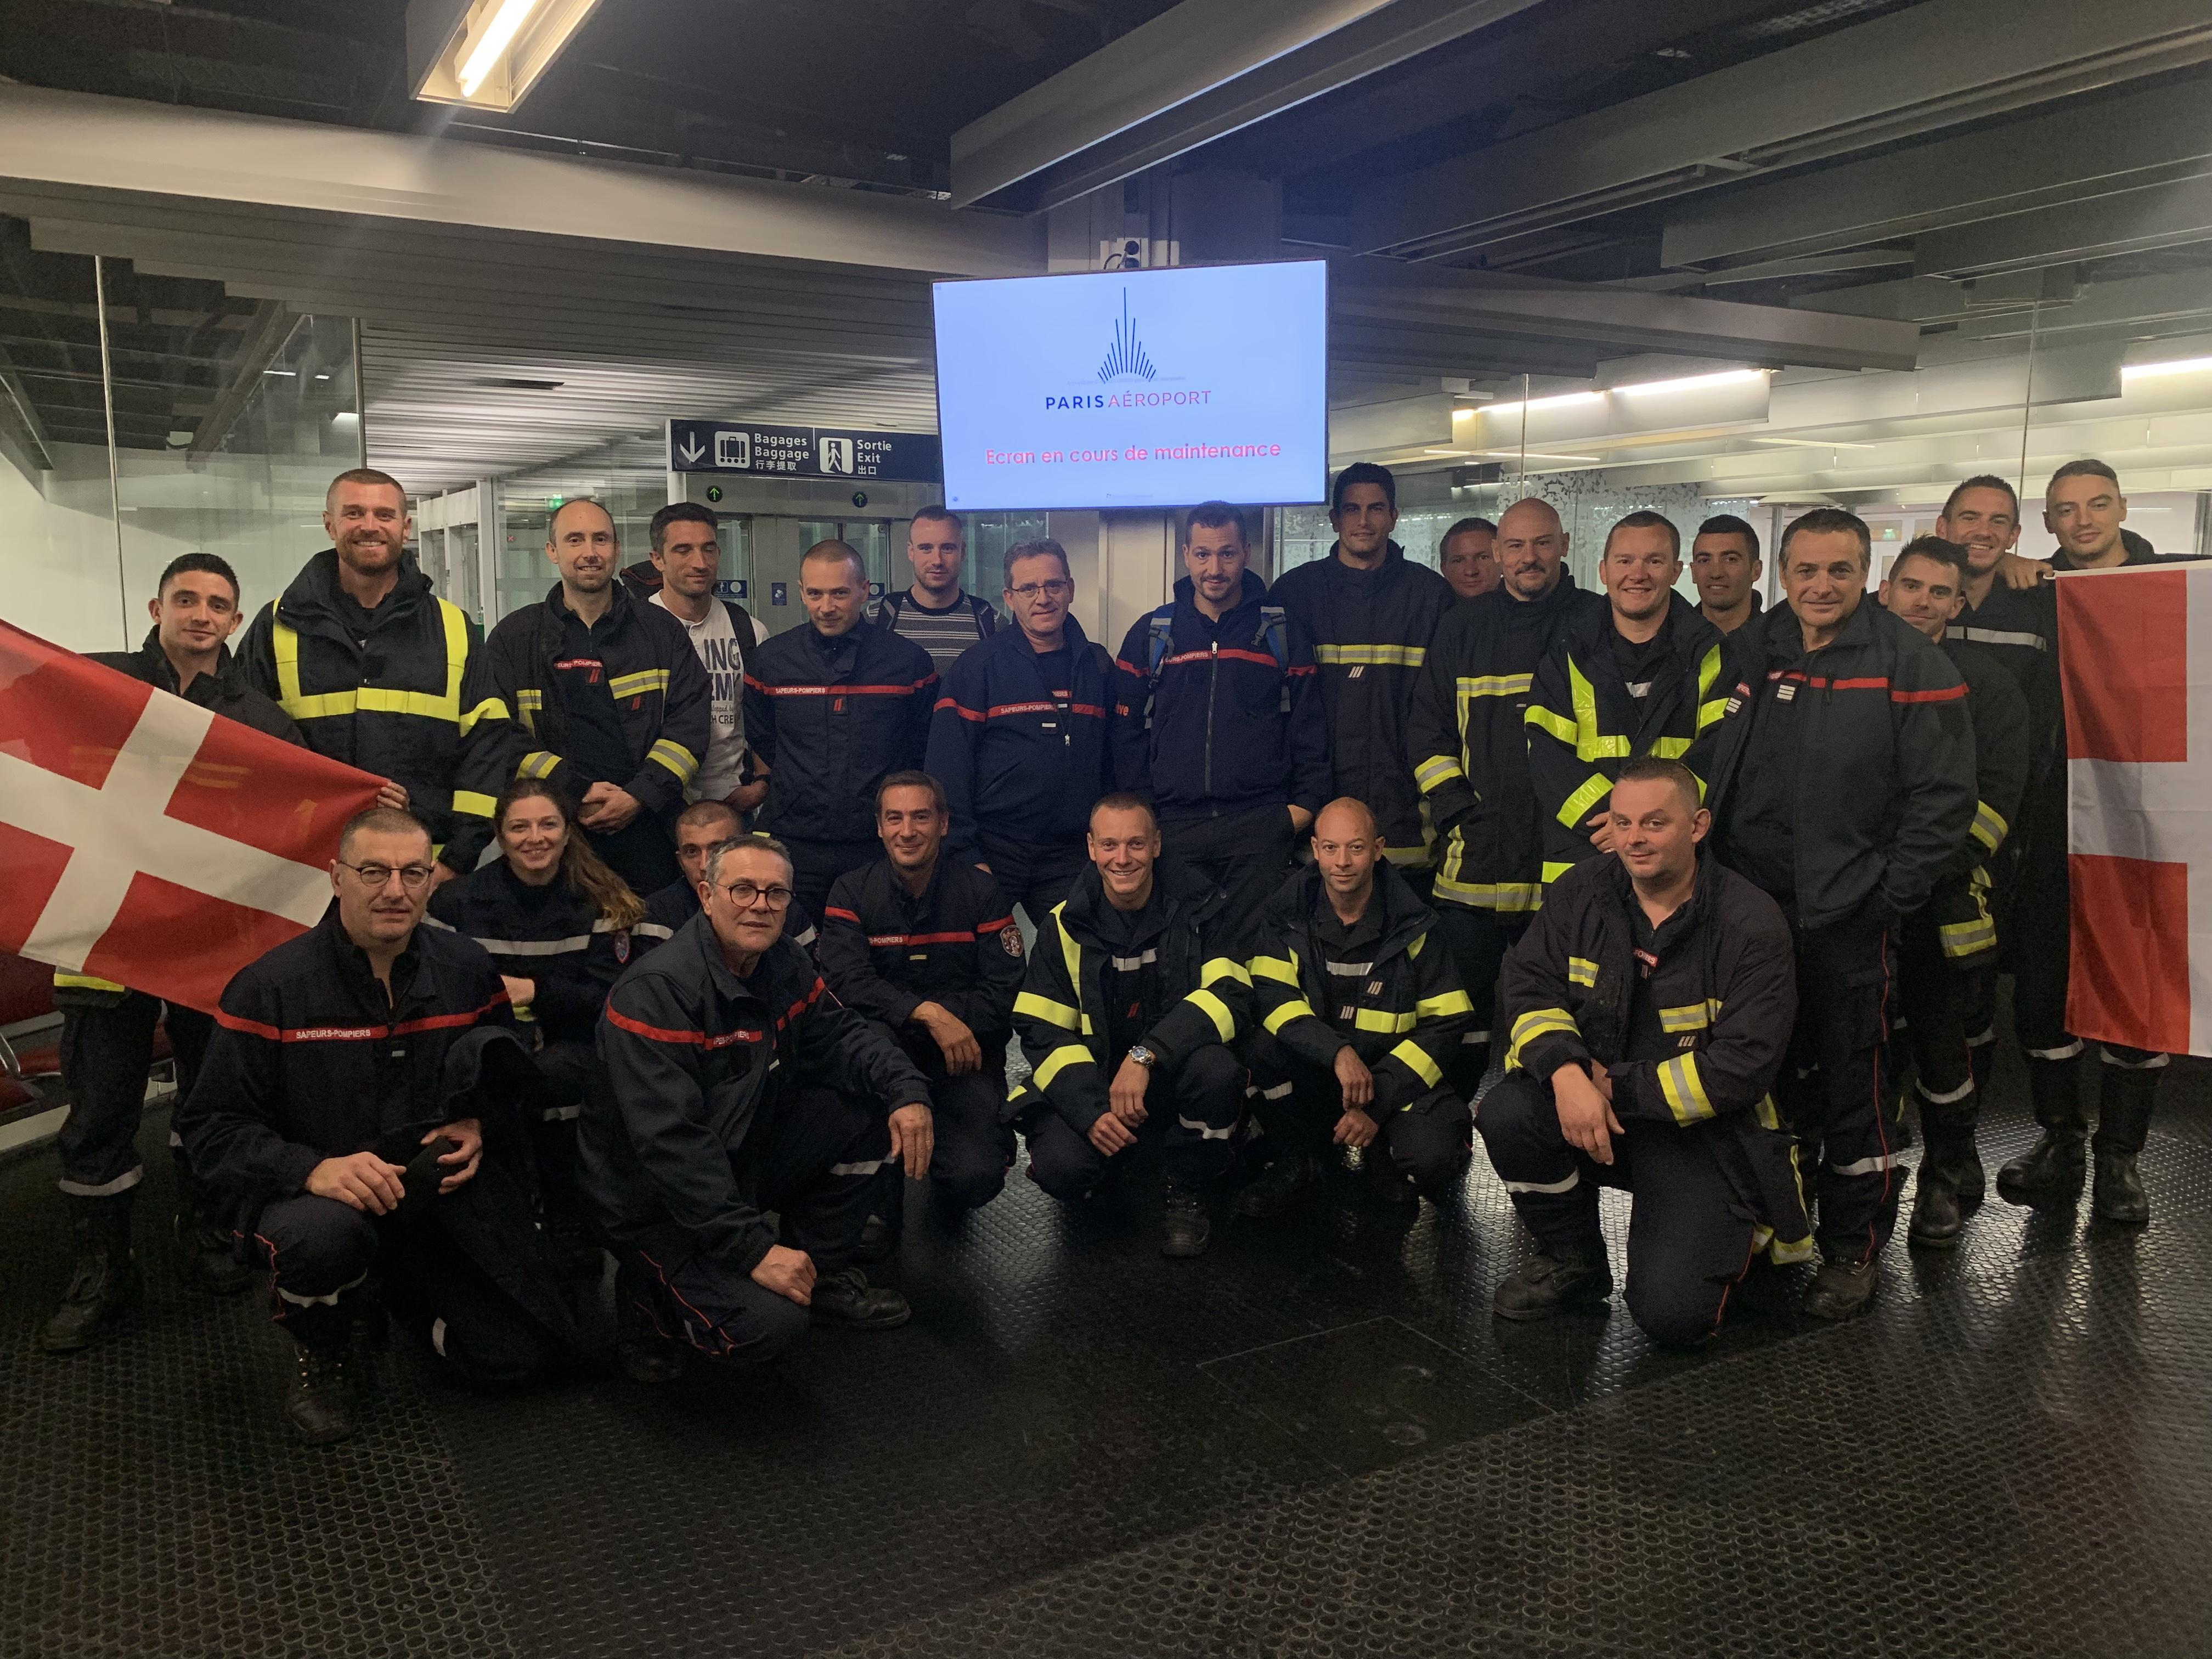 Certains pompiers haut-savoyards ont débarqué à Orly ce mardi matin. Ils attendaient le renfort de leurs collègues pour manifester. (Photos CFDT 74)